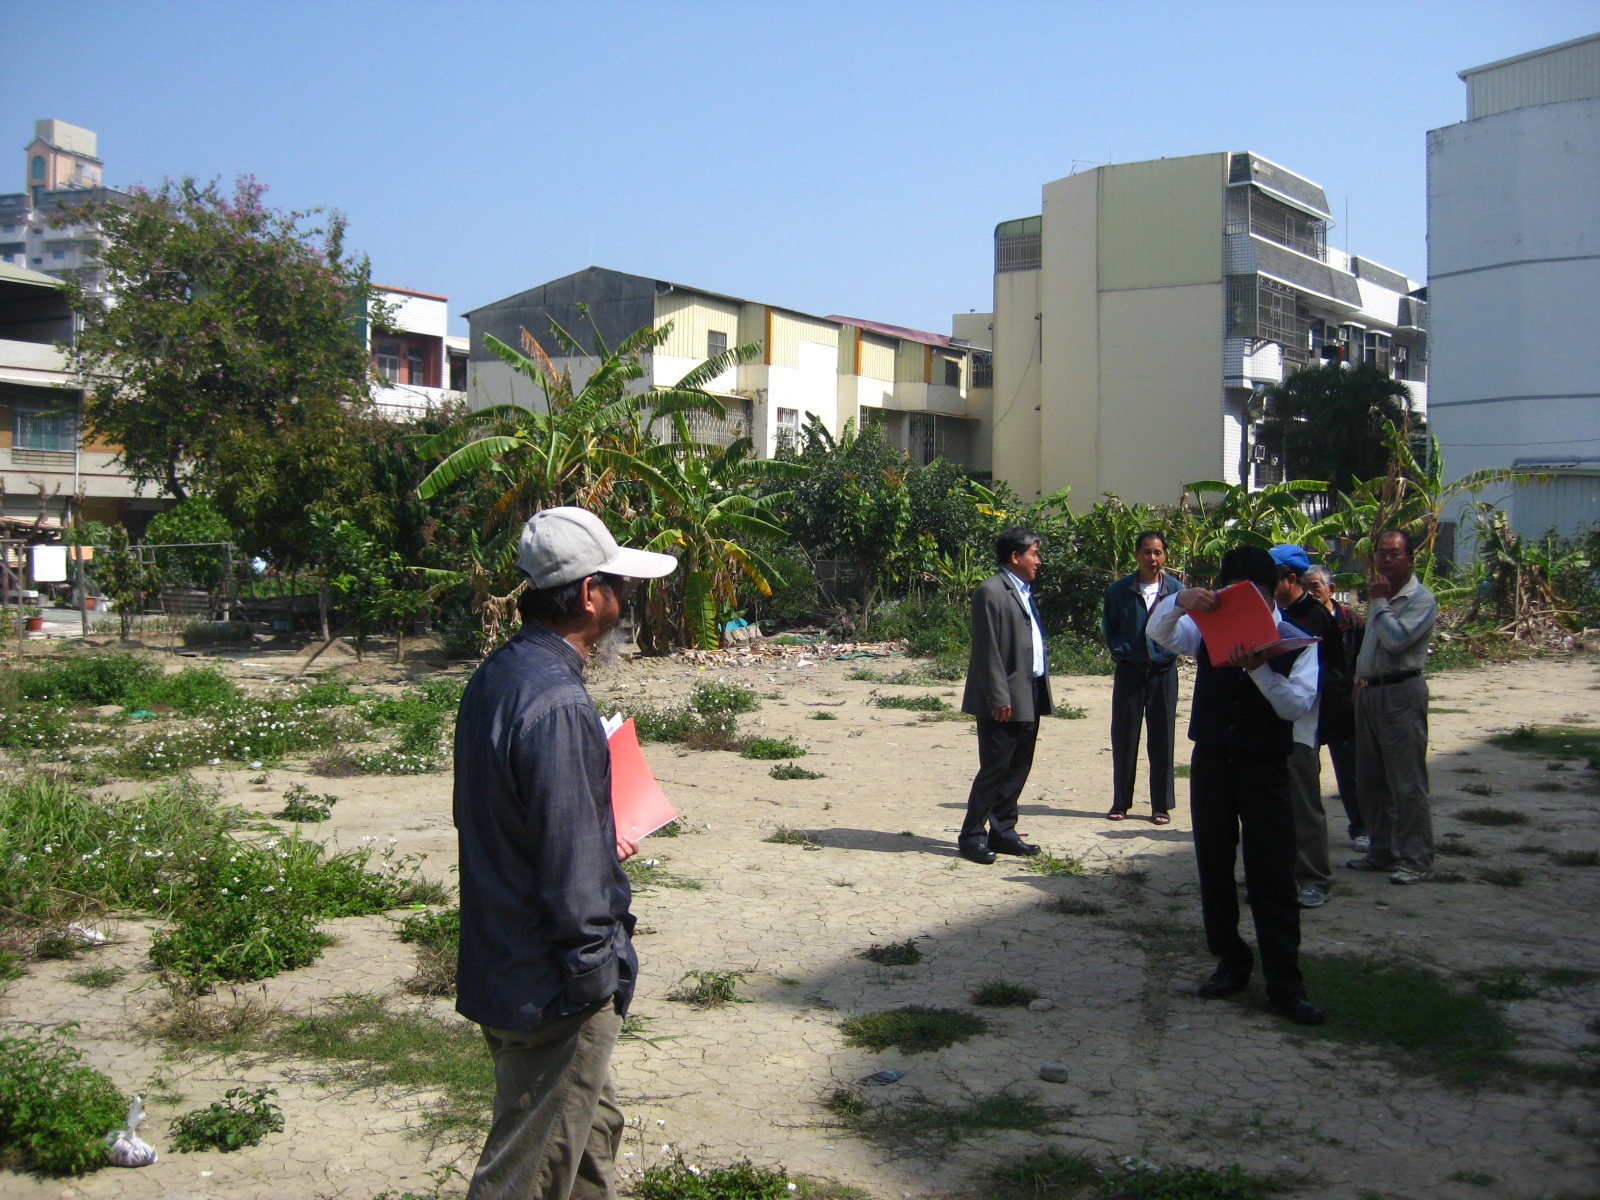 102年度綠社區培力計畫社造計畫書公開遴選結果出爐  3